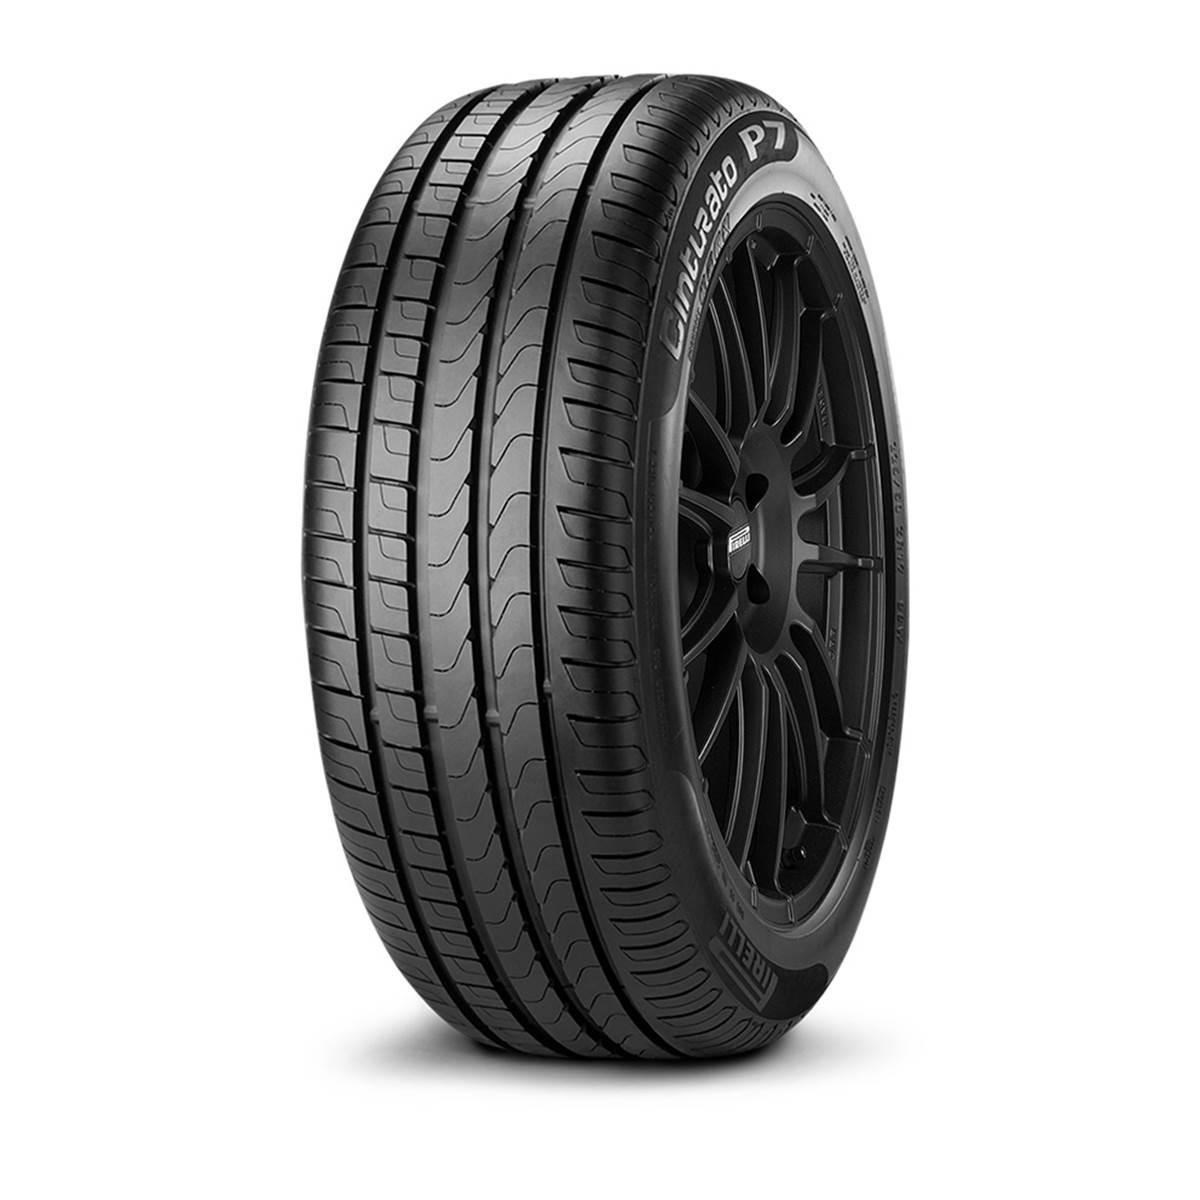 Pneu Pirelli 225/40R18 92Y Cinturato P7 XL